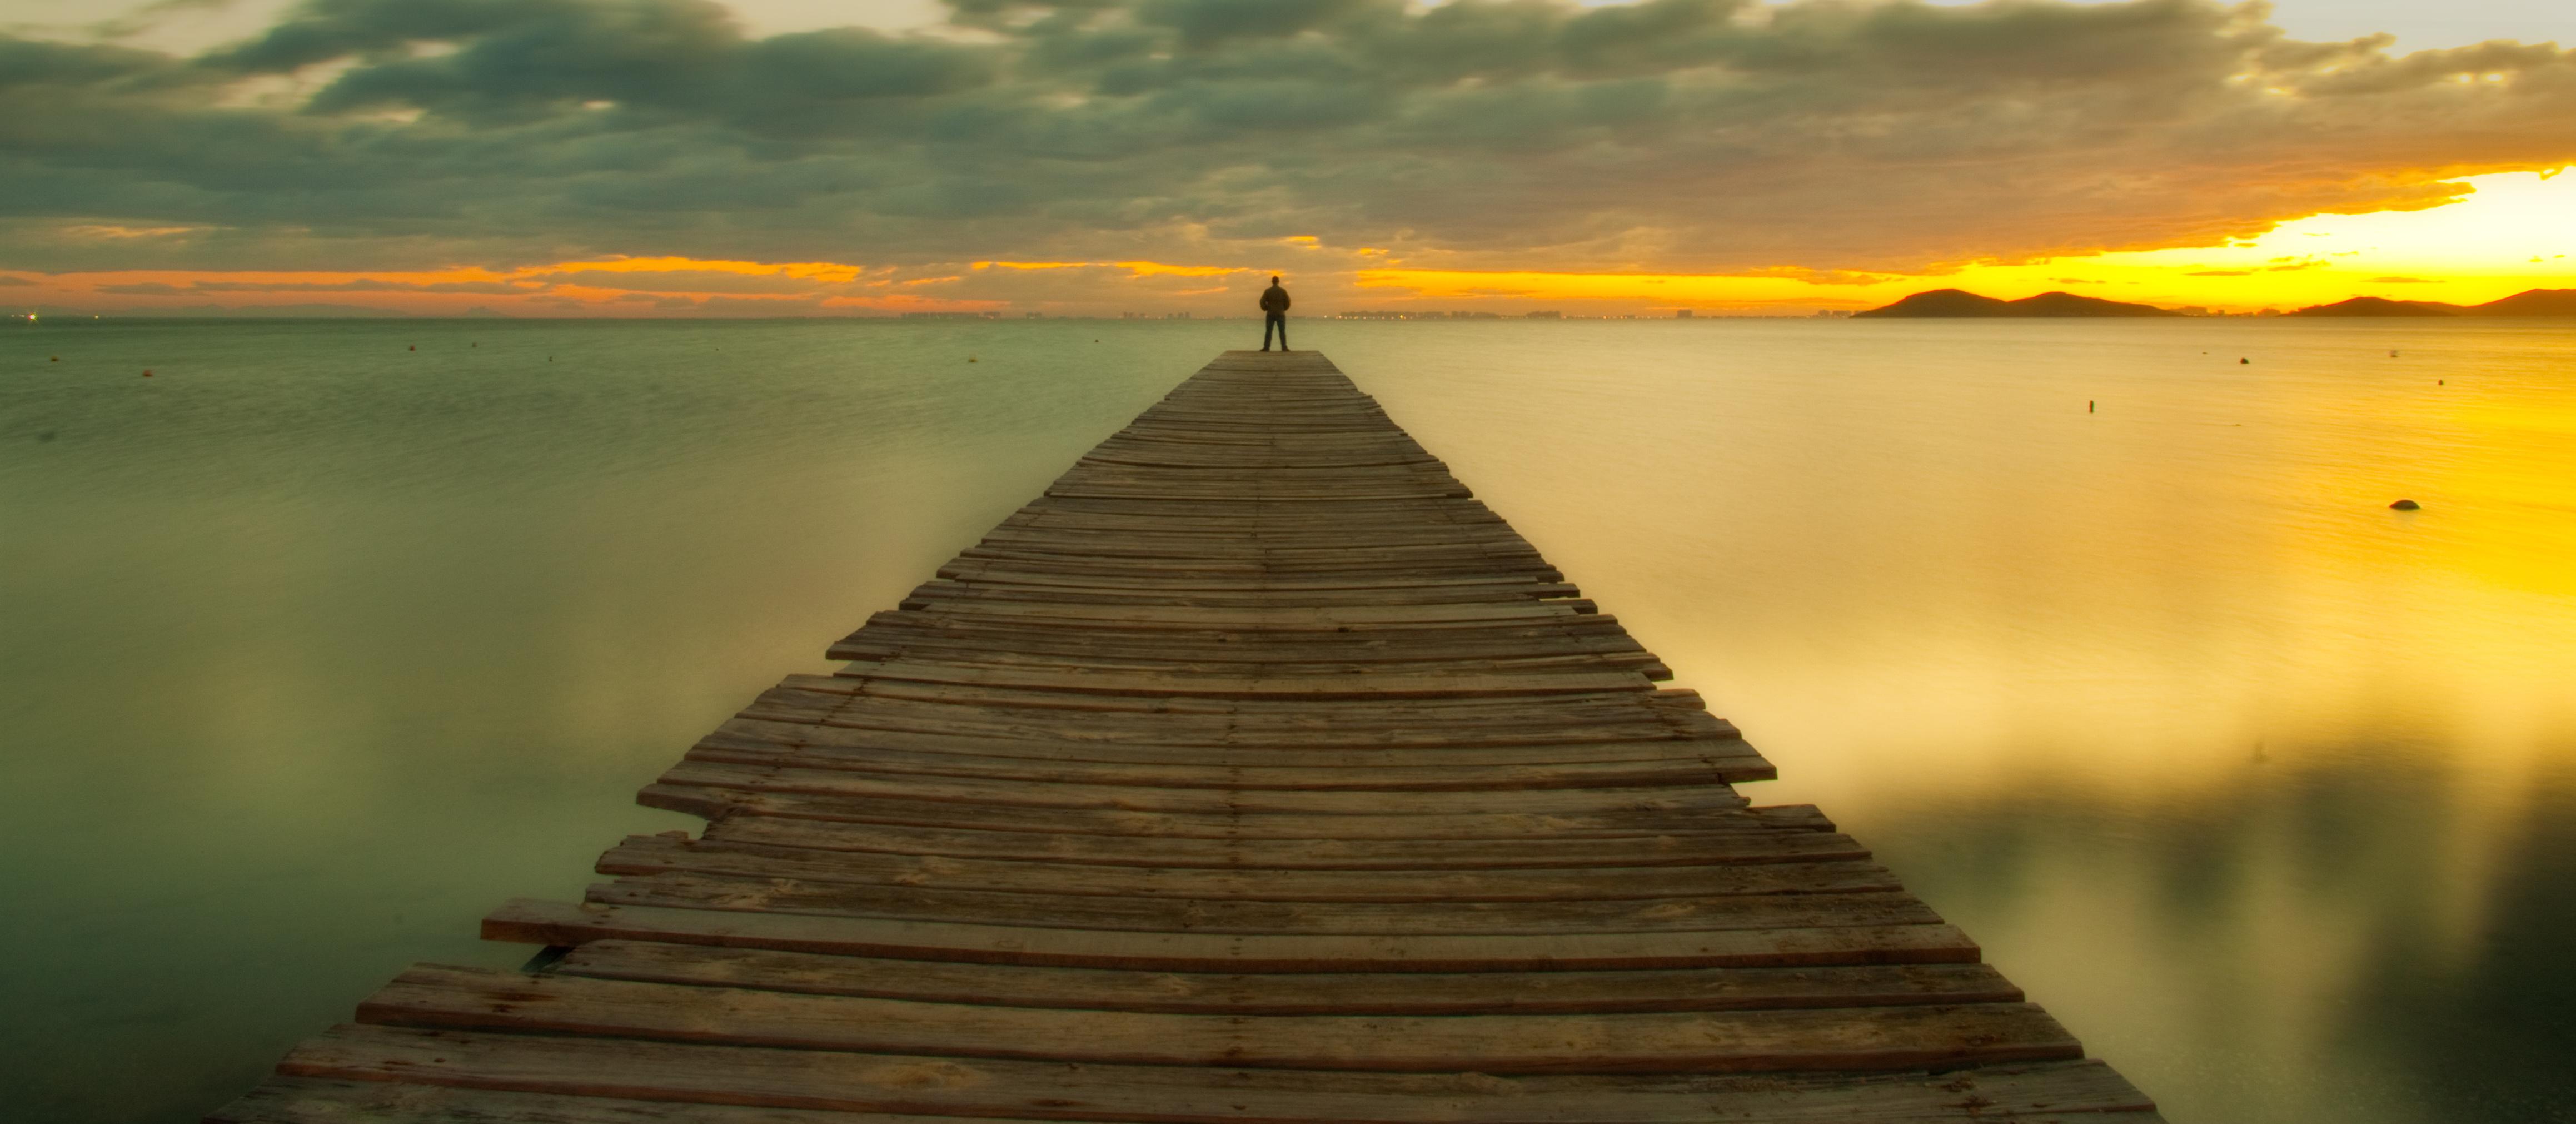 Solitude 7 Ways To Find It